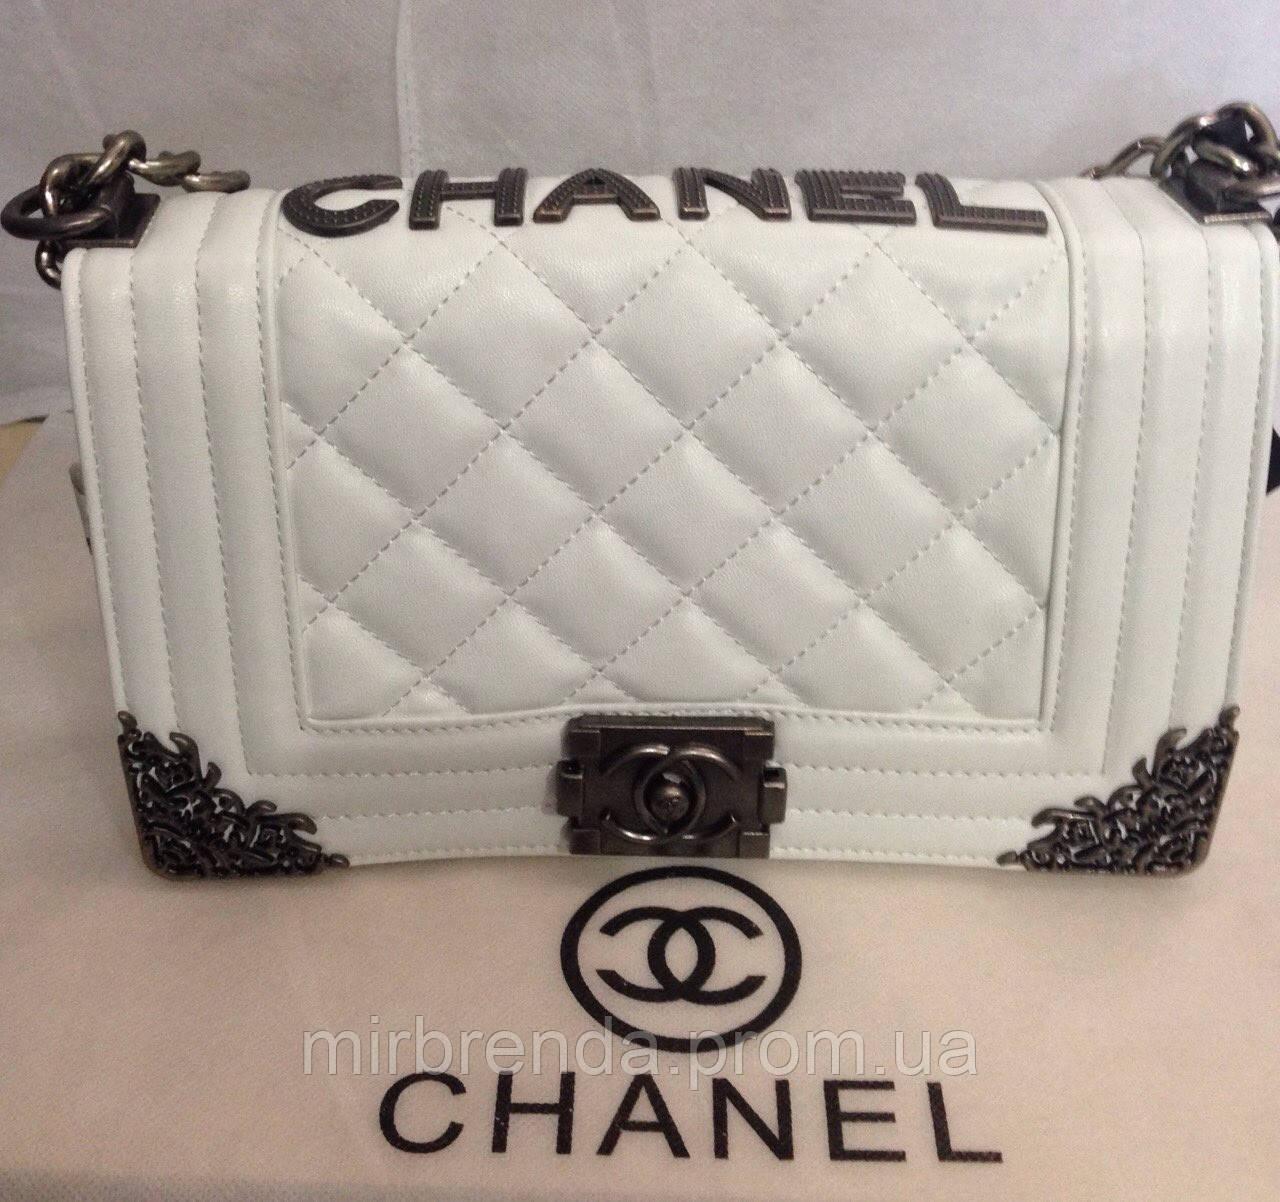 3d57545d0975 Купить сейчас - Сумка Chanel boy белая в наличии: 1 150 грн ...